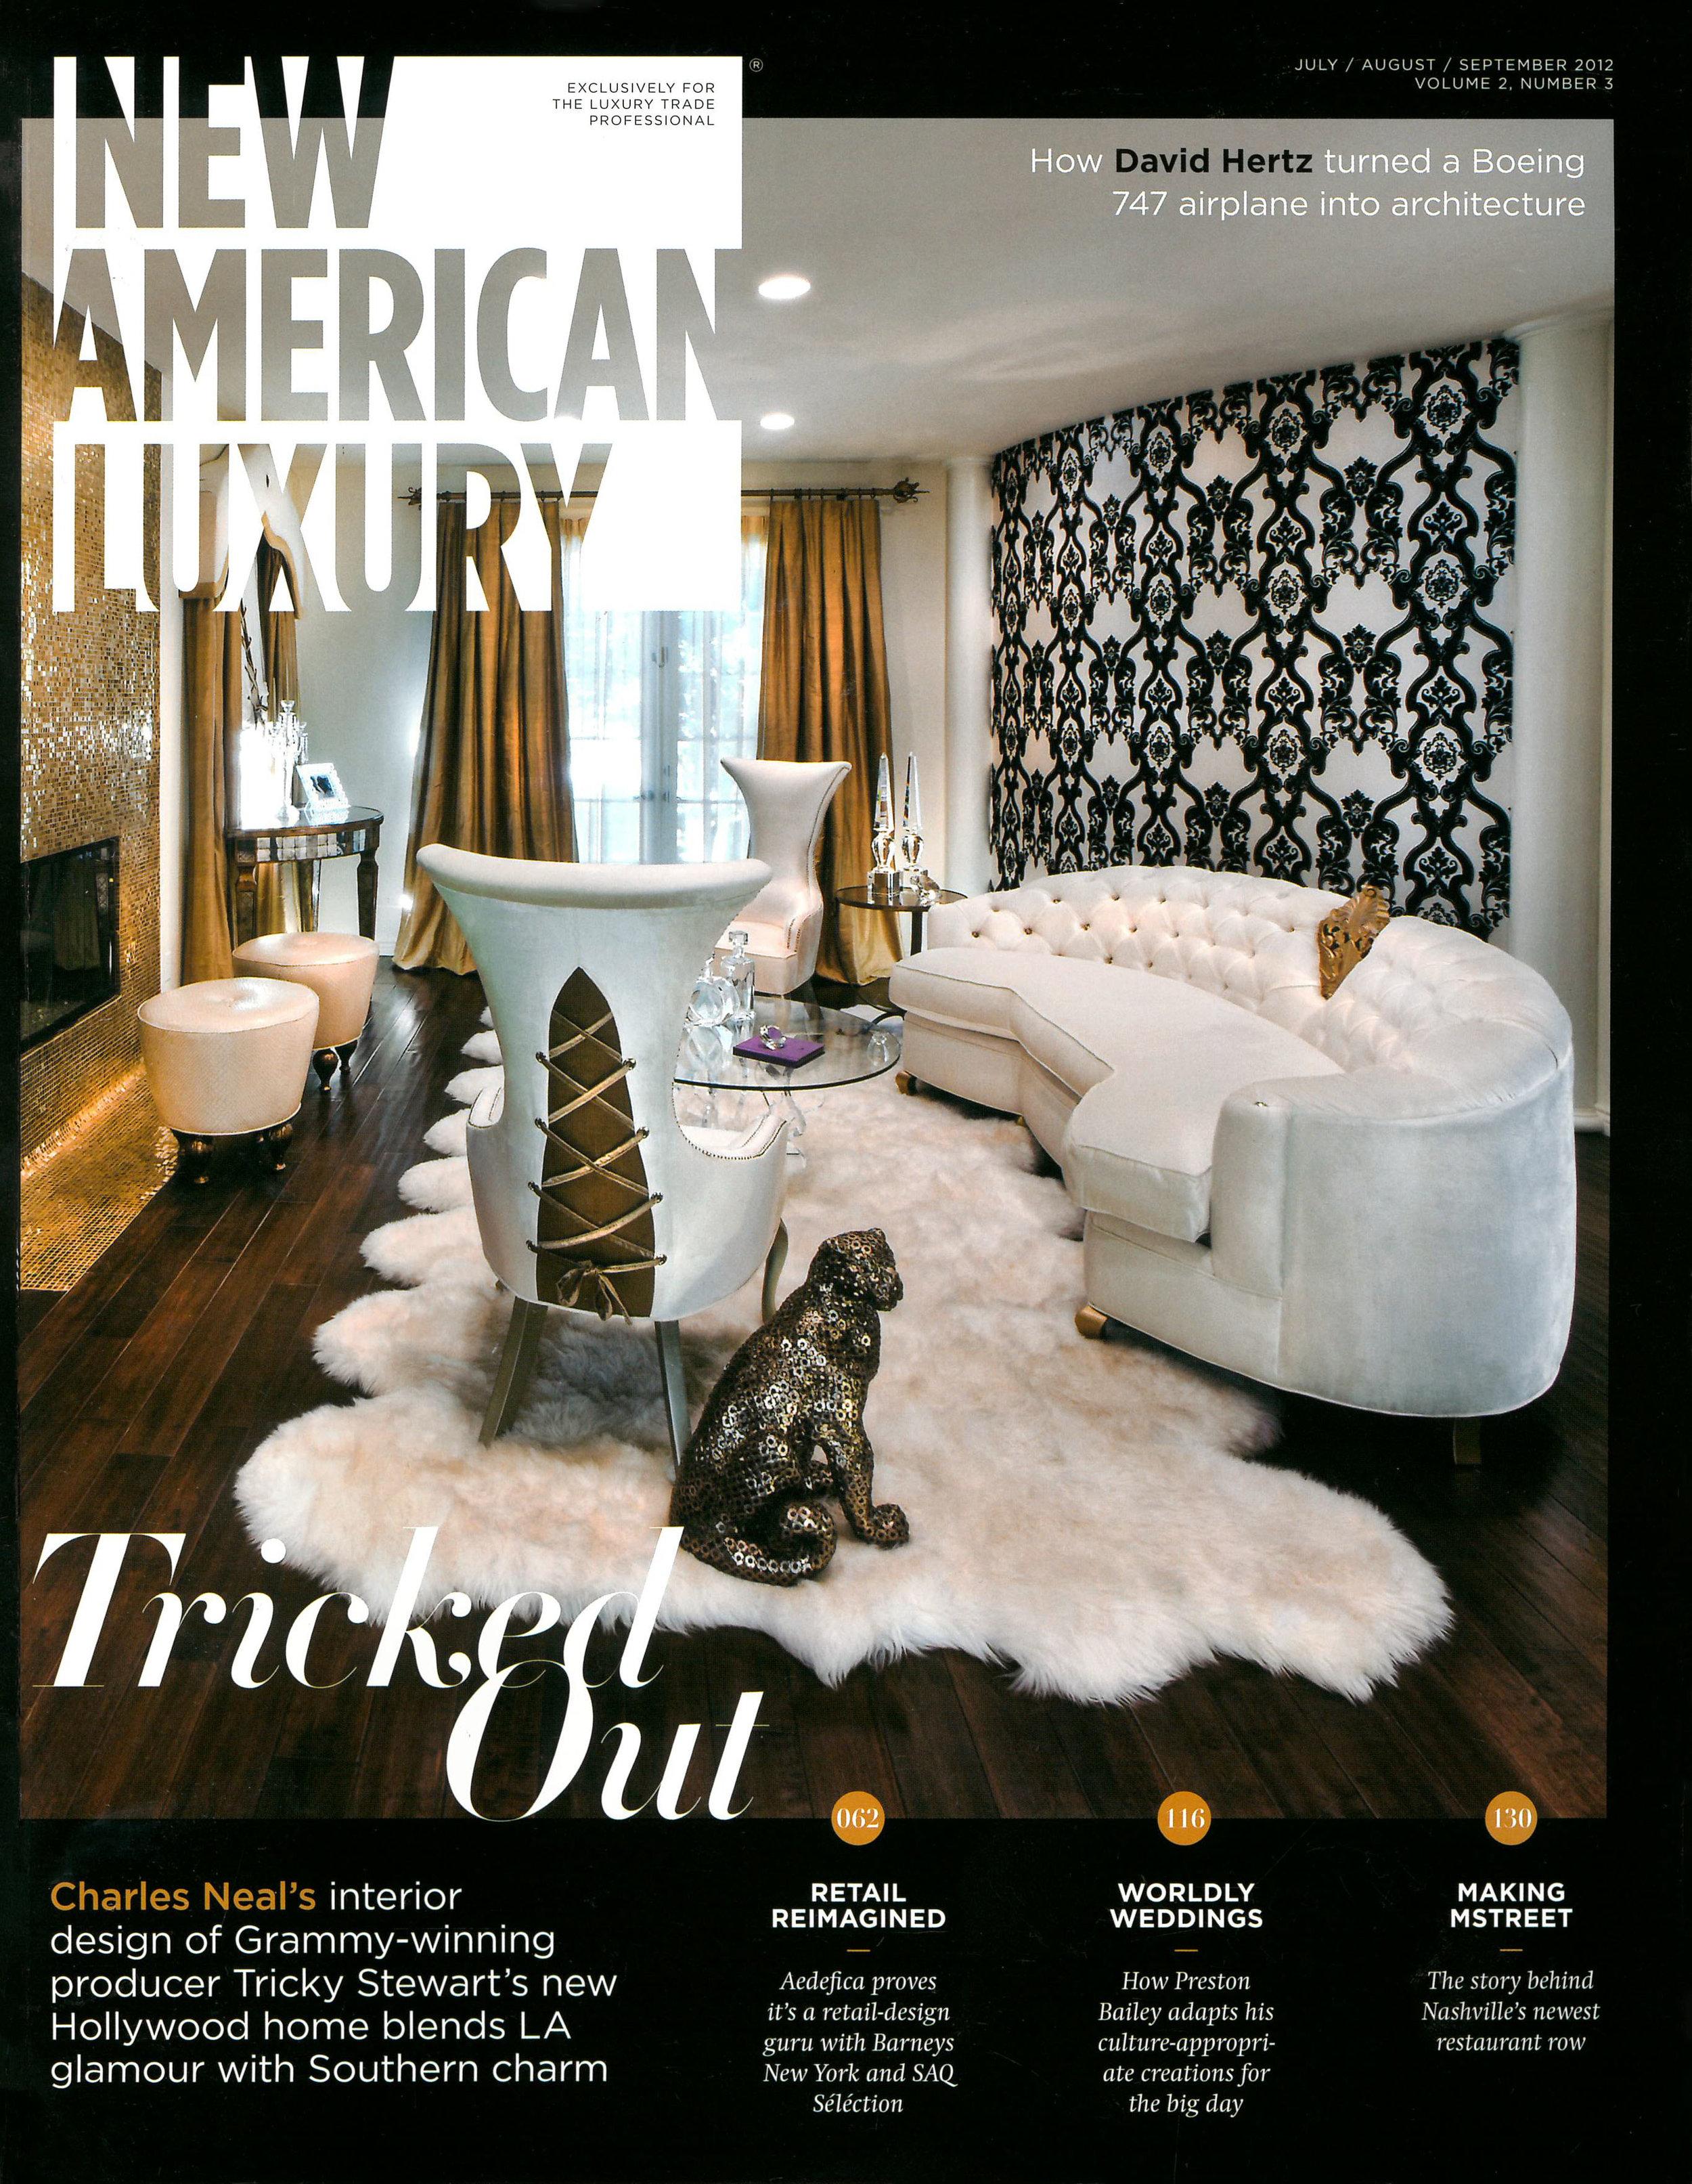 New American Luxury